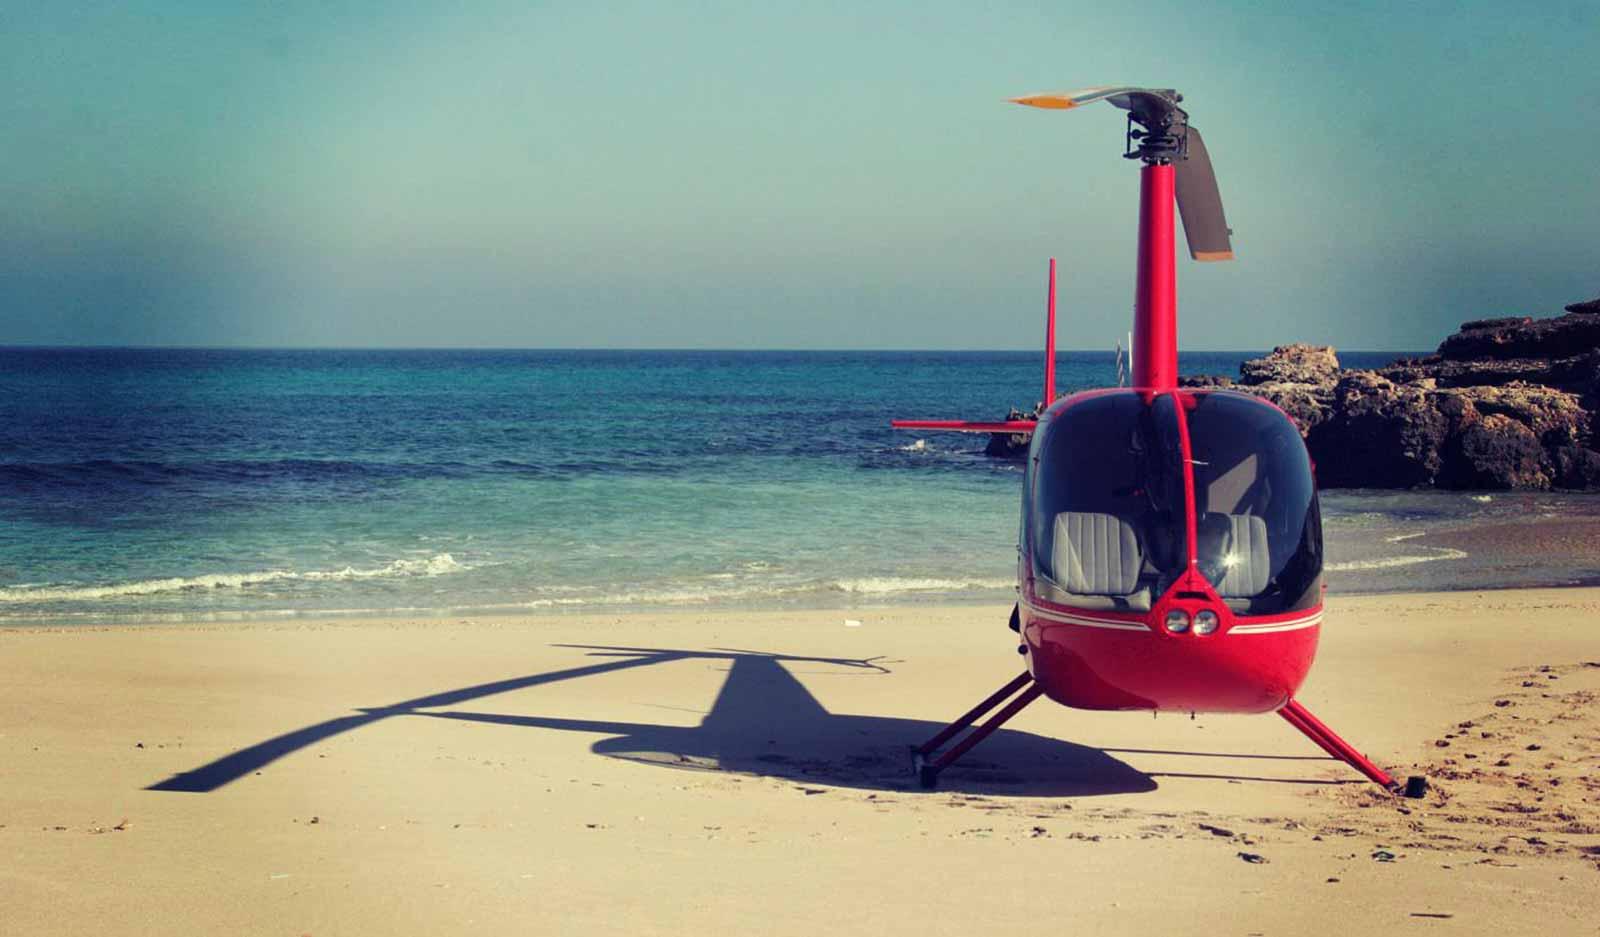 Helikopter-Mallorca-Helikopter-Rundflug-Mallorca-1